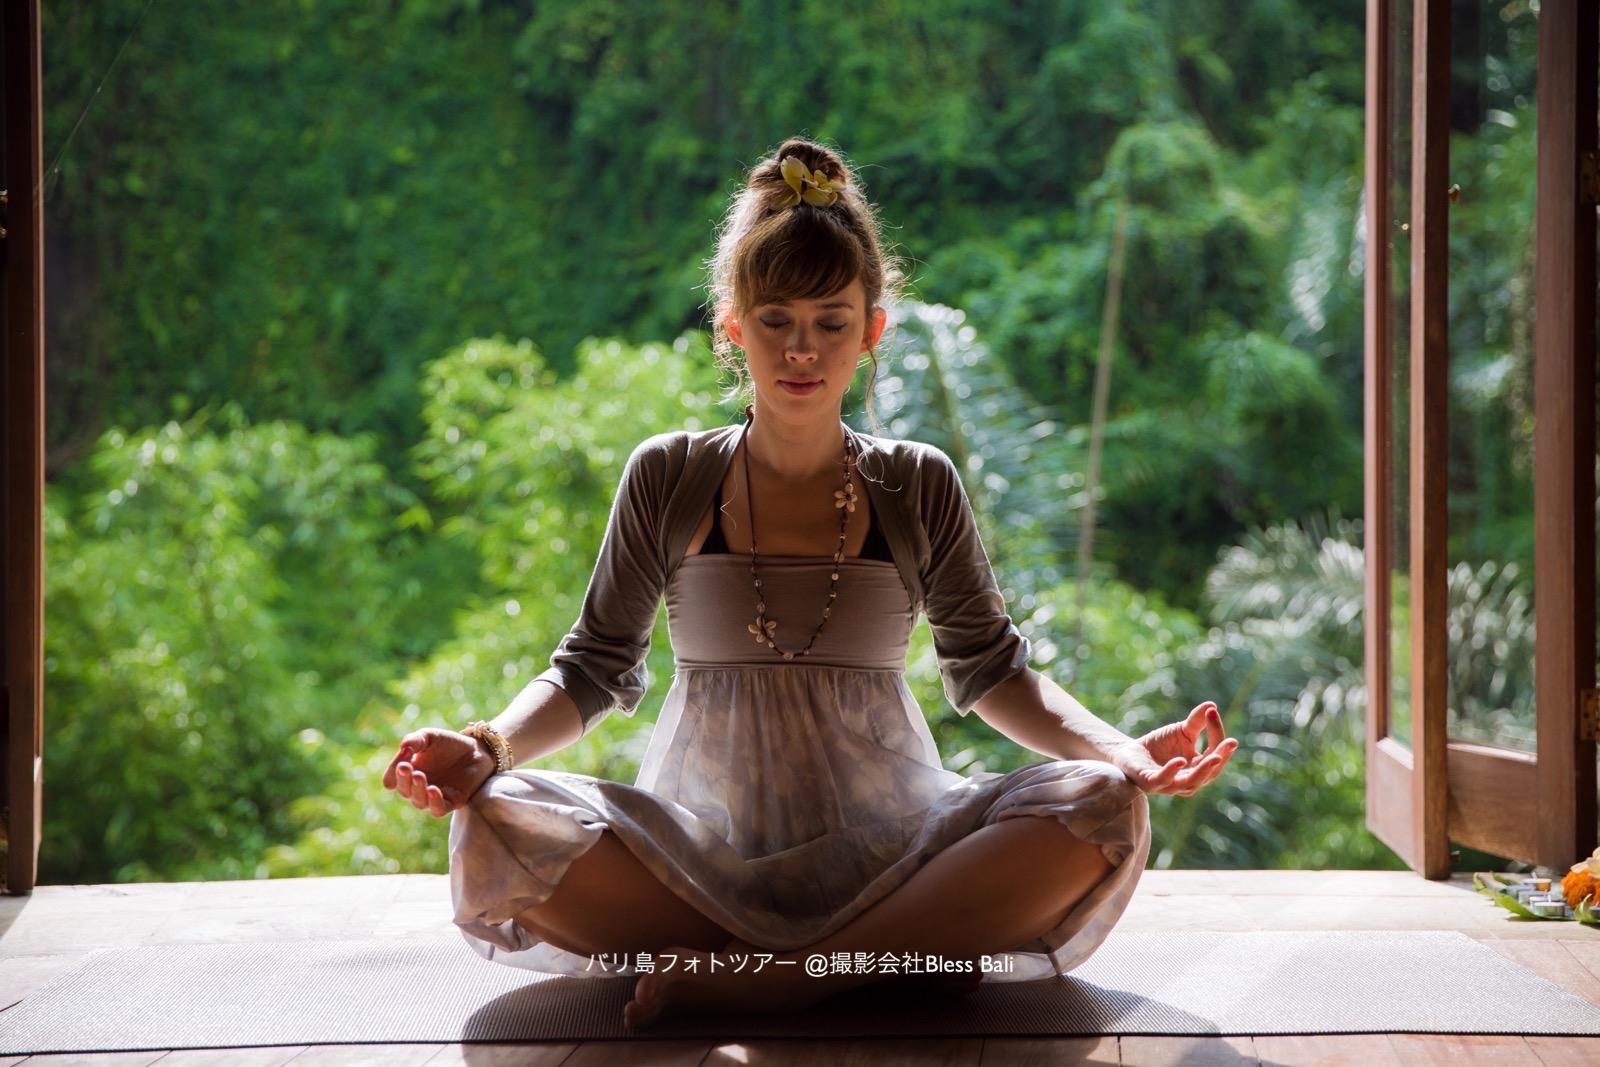 バグースジャティのヨガパビリオンで瞑想ポーズ